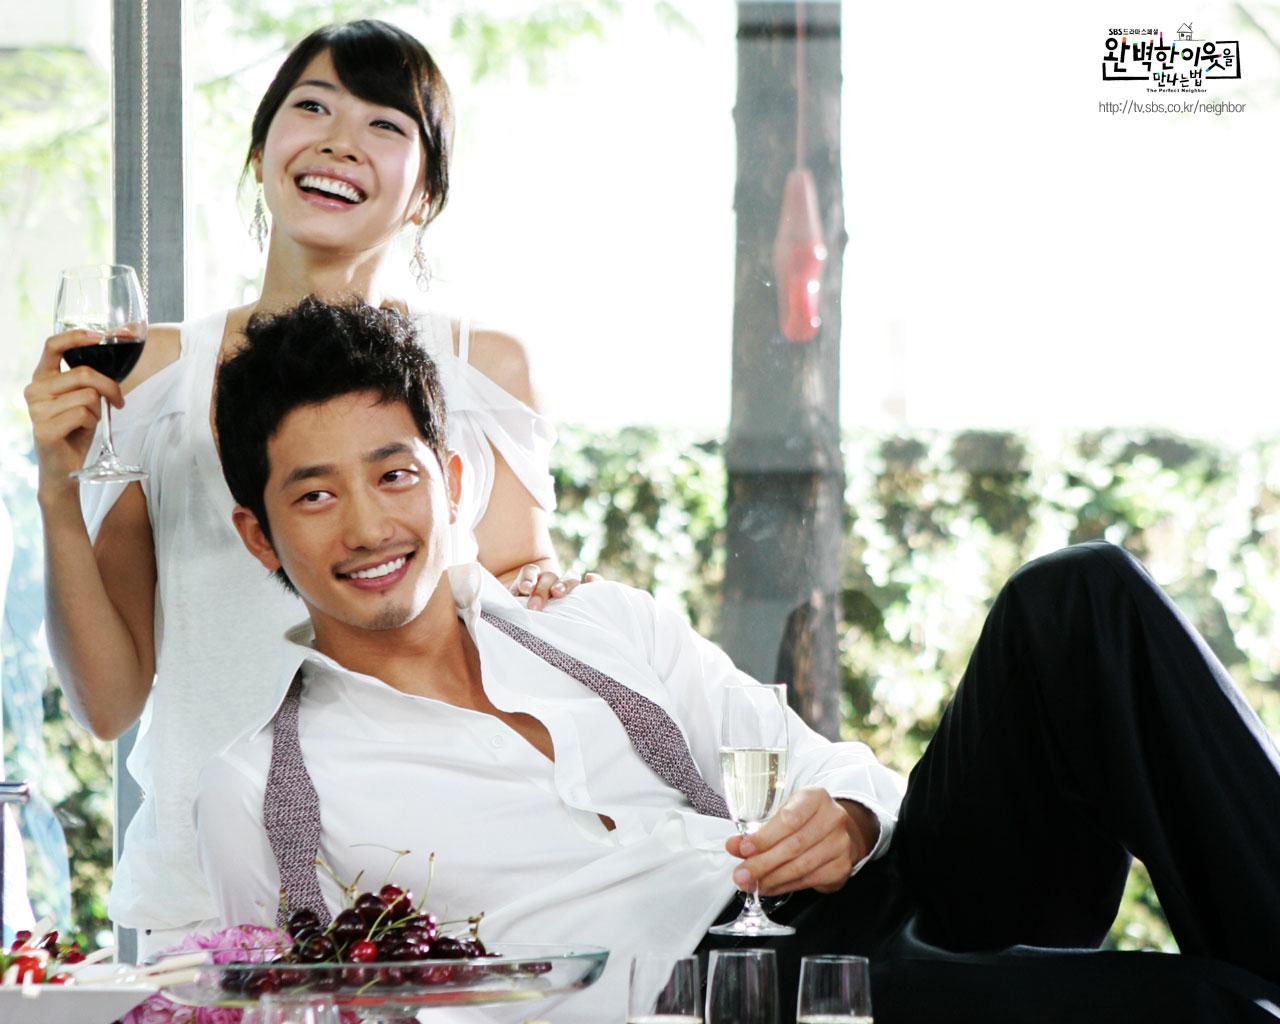 完璧な恋人に出会う方法-韓国ドラマ